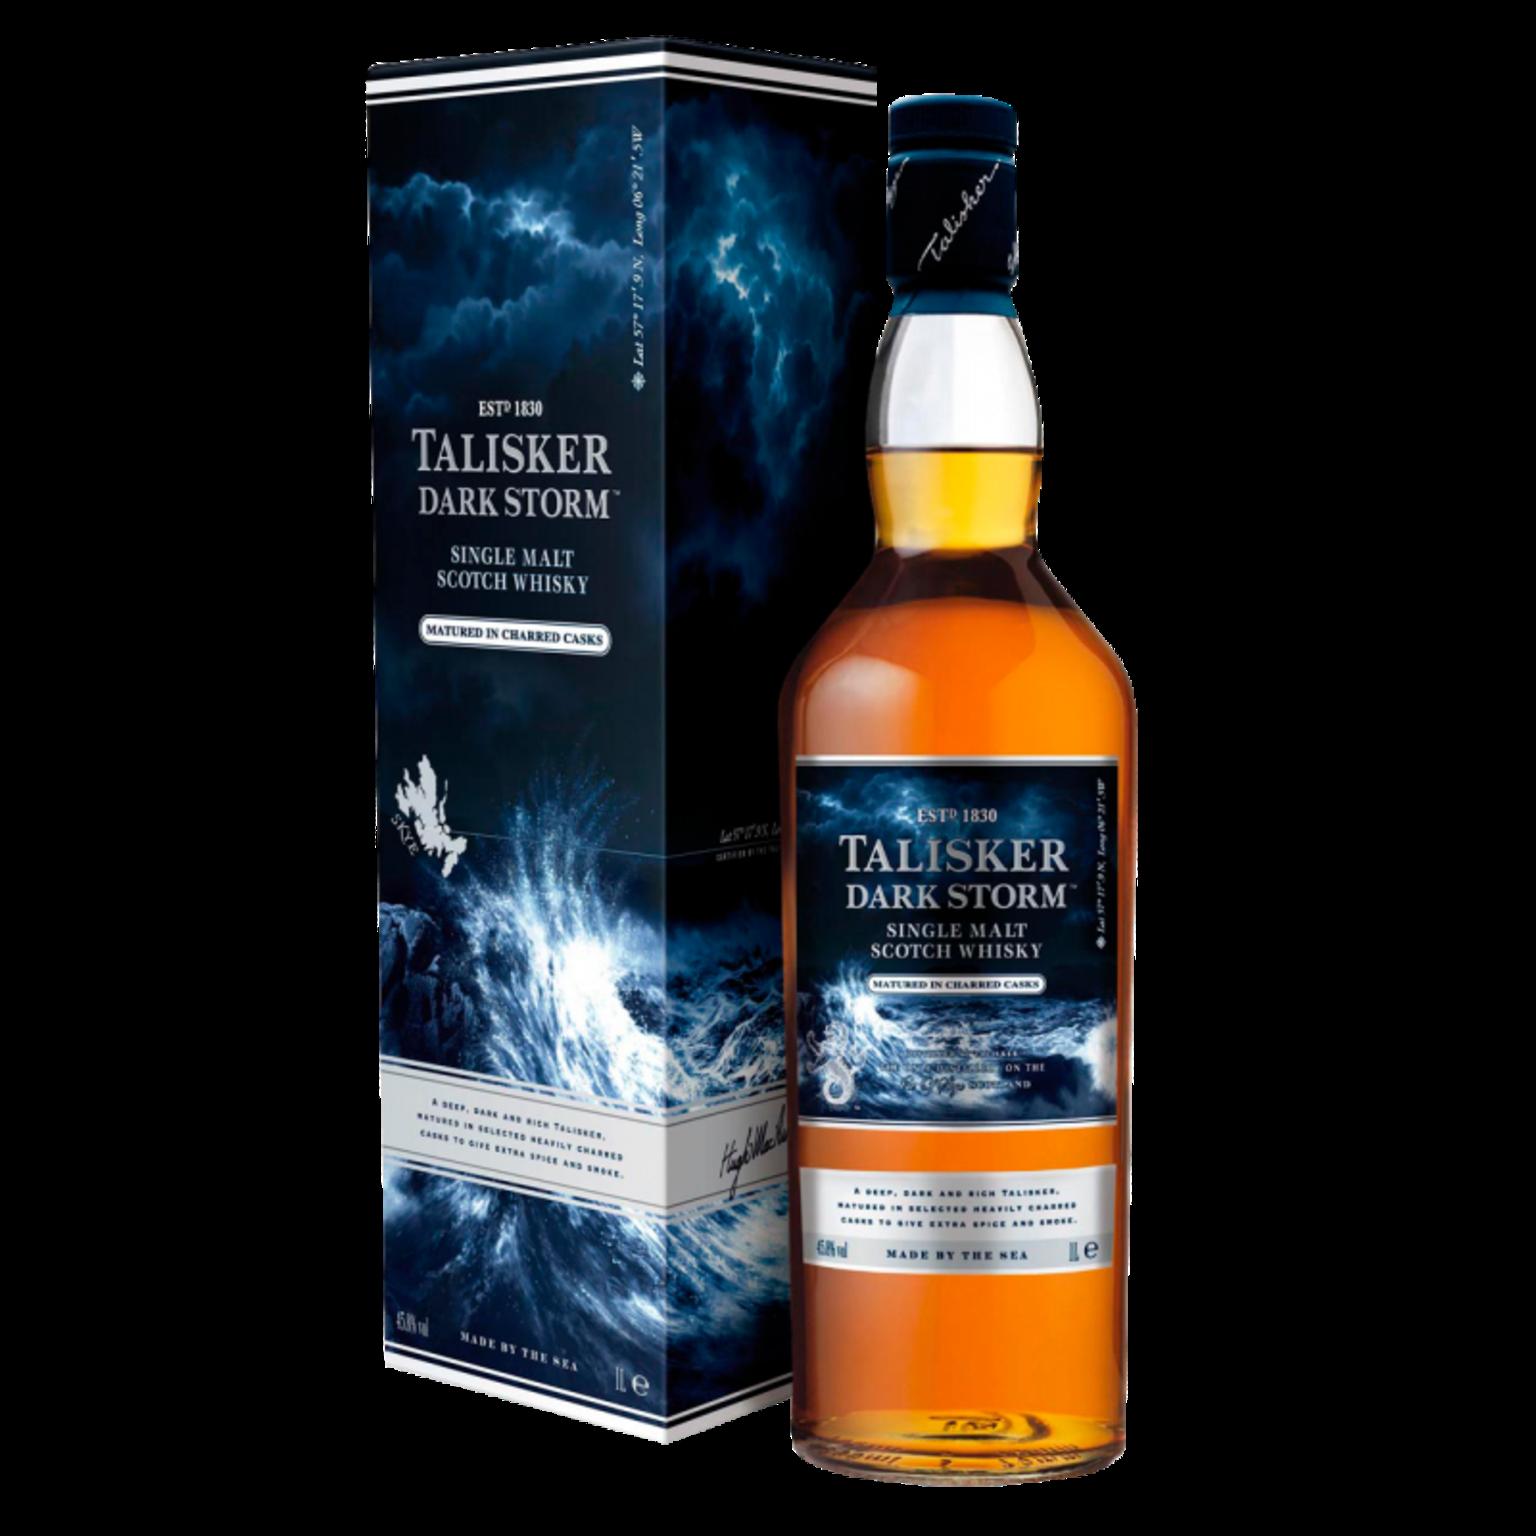 Talisker Dark Storm 45.8% 1L